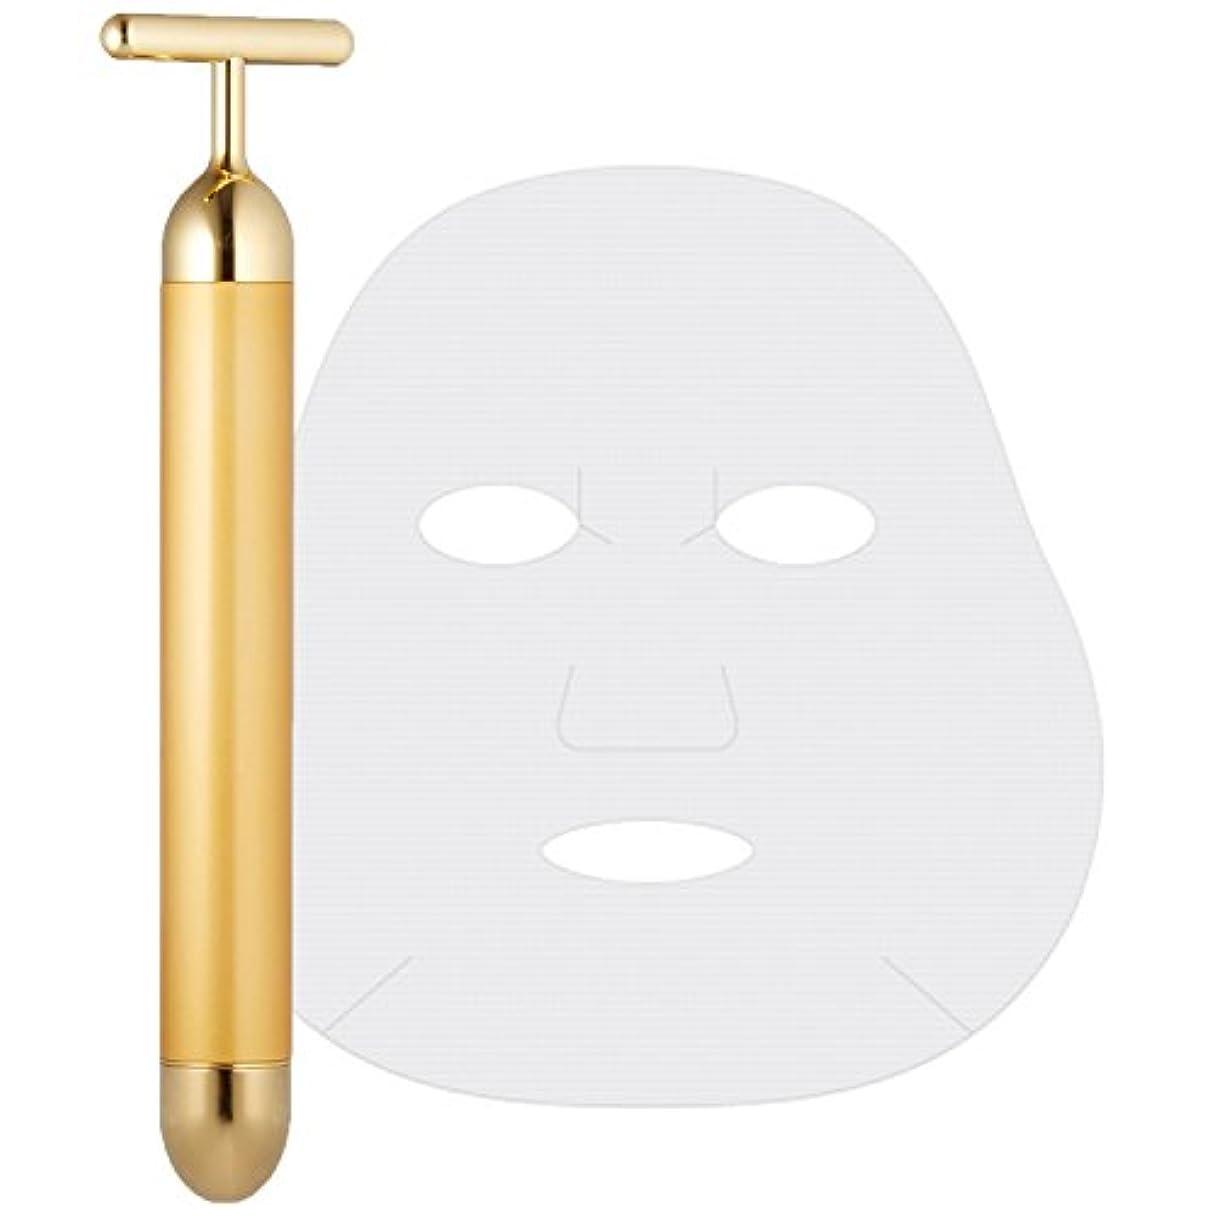 エムシービケン ビューティーバー + CELLA COSMETICS フェイスマスクシート(18枚入り) セット